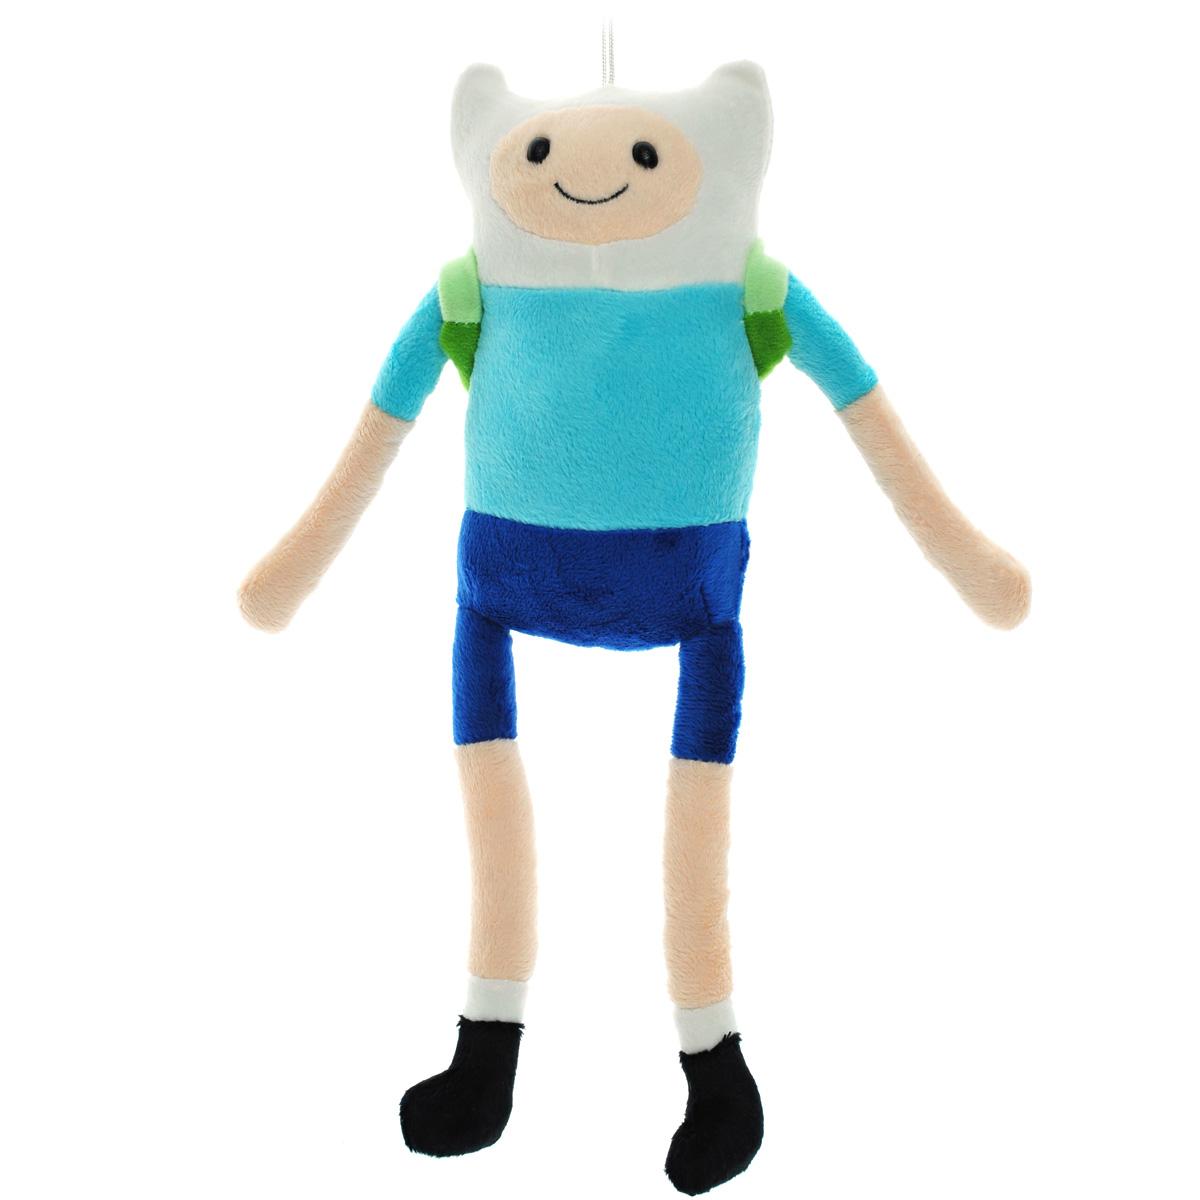 Мягкая игрушка Adventure Time Финн Парнишка, 30 смFATU0Очаровательная мягкая игрушка Adventure Time Финн вызовет умиление и улыбку у каждого, кто ее увидит. Игрушка выполнена в виде Финна - одного из главных персонажей в мультсериале Время приключений. У игрушки есть текстильный шнурок, с помощью которого ее можно повесить. За спиной у Финна салатово-зеленый рюкзак. Финн - мальчик, который обожает путешествовать со своим лучшим другом Джейком, а также спасать принцесс из лап ужасных злодеев, населяющих Землю УУУ. Финн является единственным известным человеком в Землях УУУ. Финн очень добрый. Удивительно мягкая игрушка принесет радость и подарит своему обладателю мгновения нежных объятий и приятных воспоминаний. Великолепное качество исполнения делают эту игрушку чудесным подарком к любому празднику.